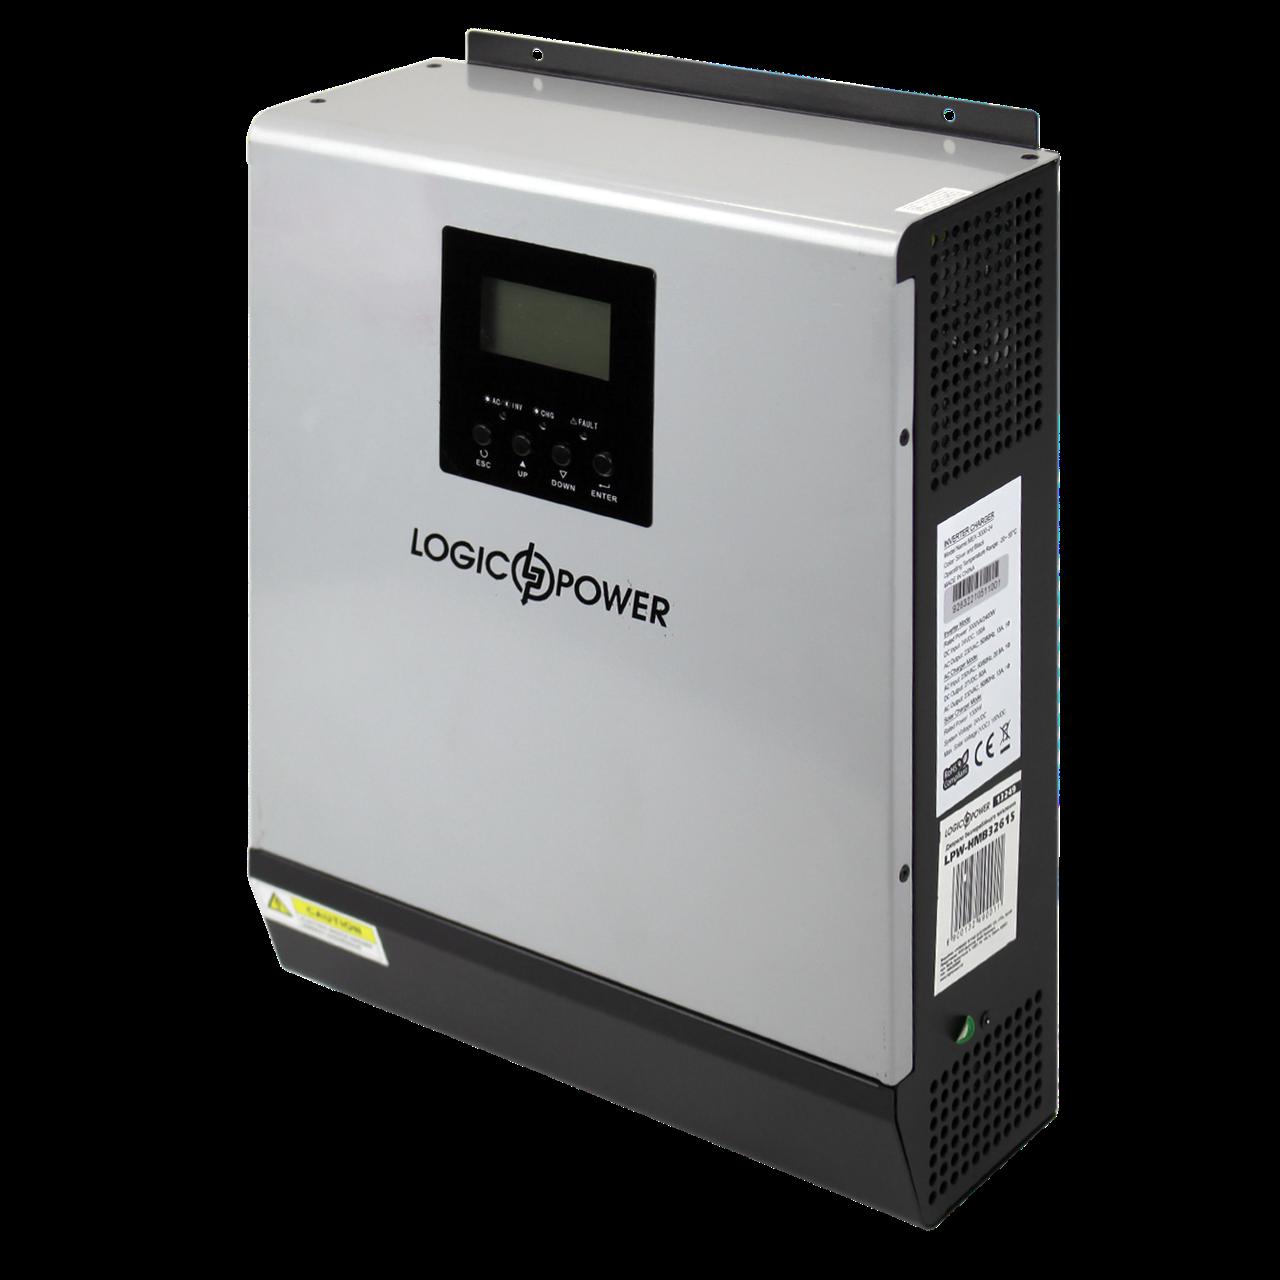 ИБП LogicPower LPW-HMB32615